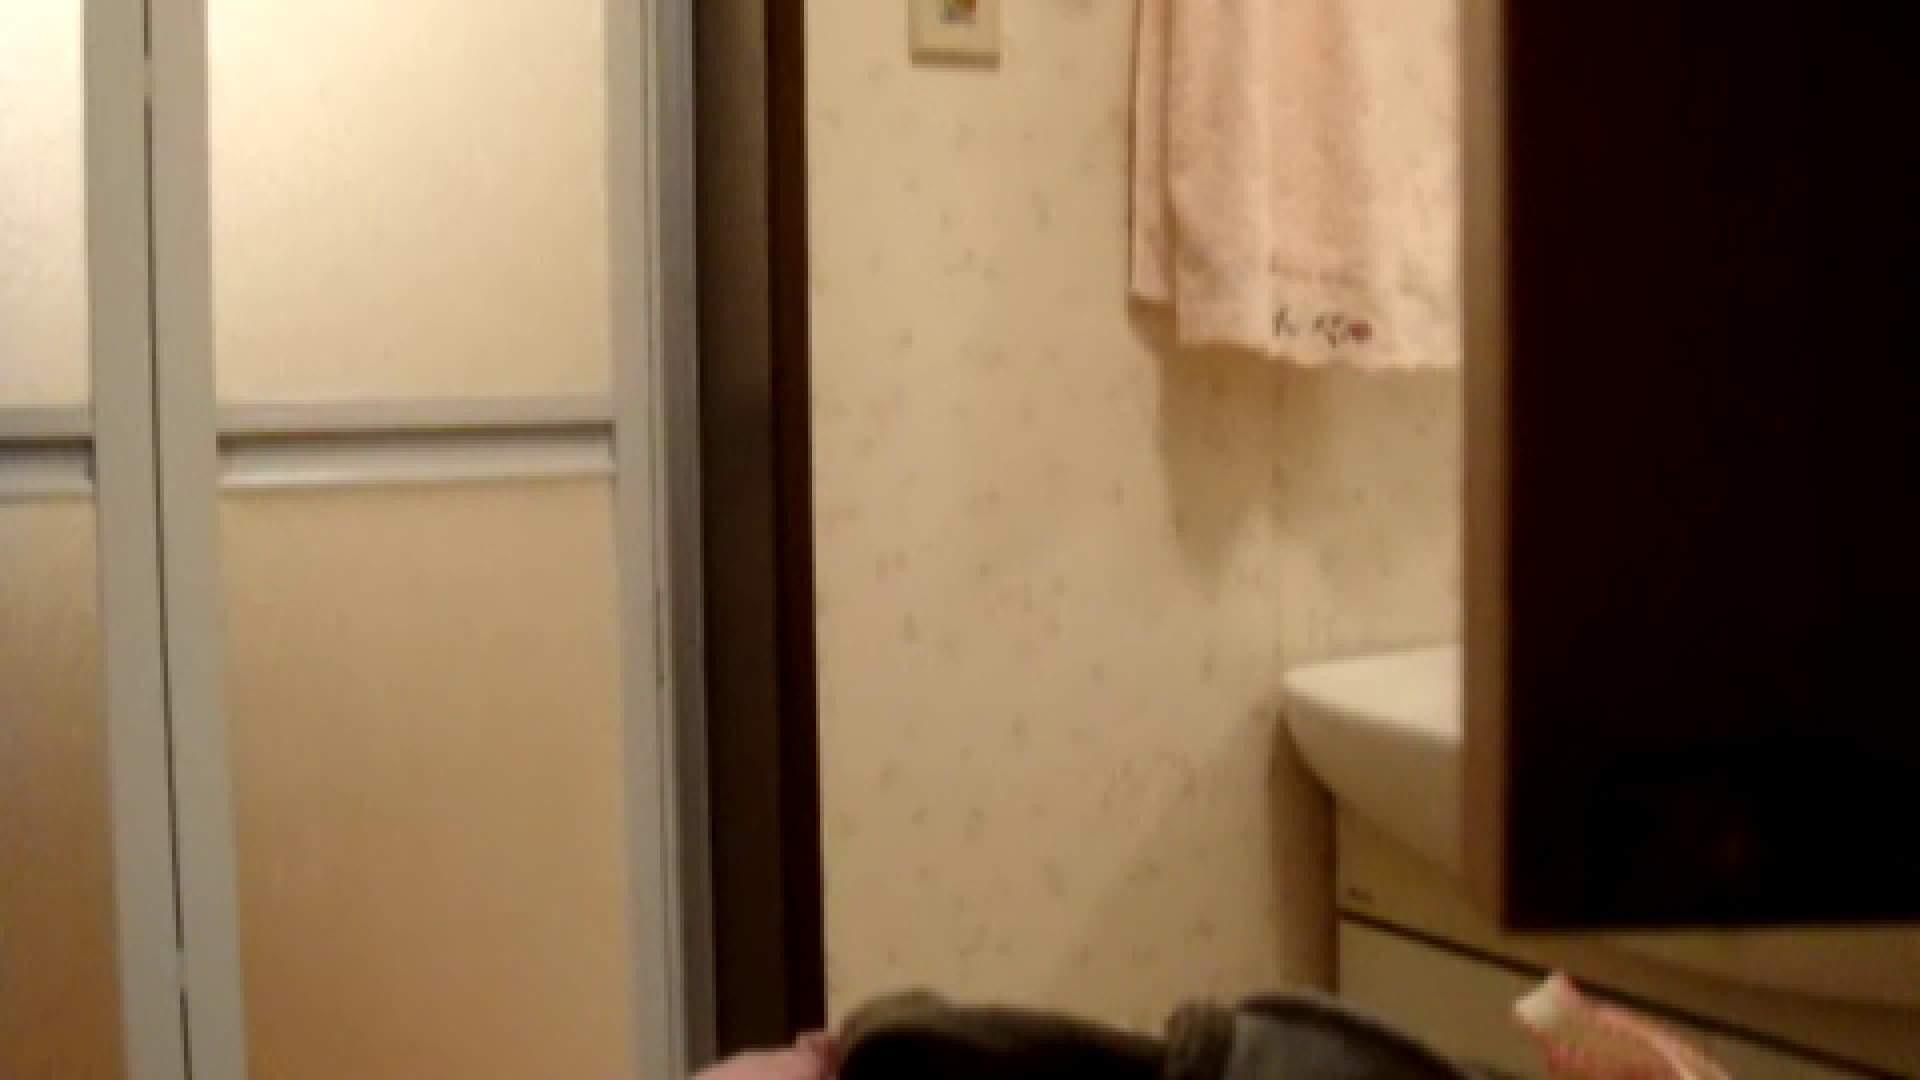 二人とも育てた甲斐がありました… vol.08 まどかの入浴中にカメラに気付いたか!? 入浴特集   0  9枚 7